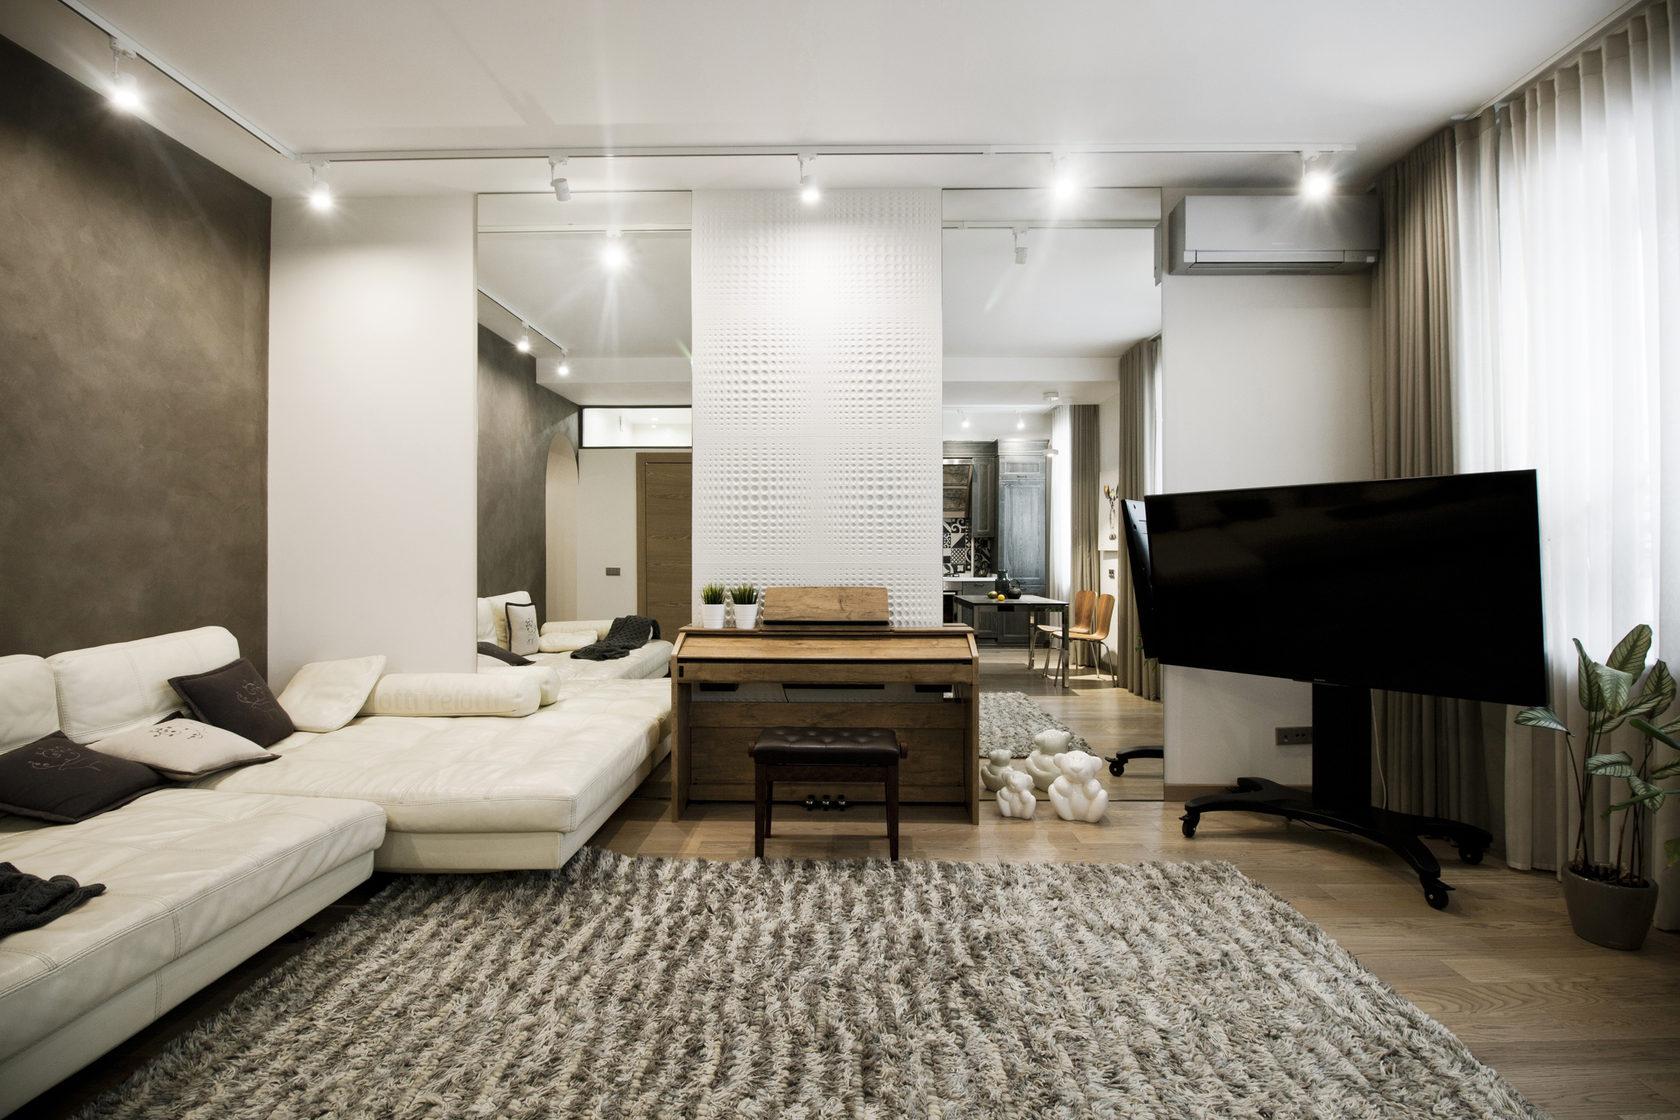 Светлый интерьер квартиры на втором этаже в «сталинском» доме